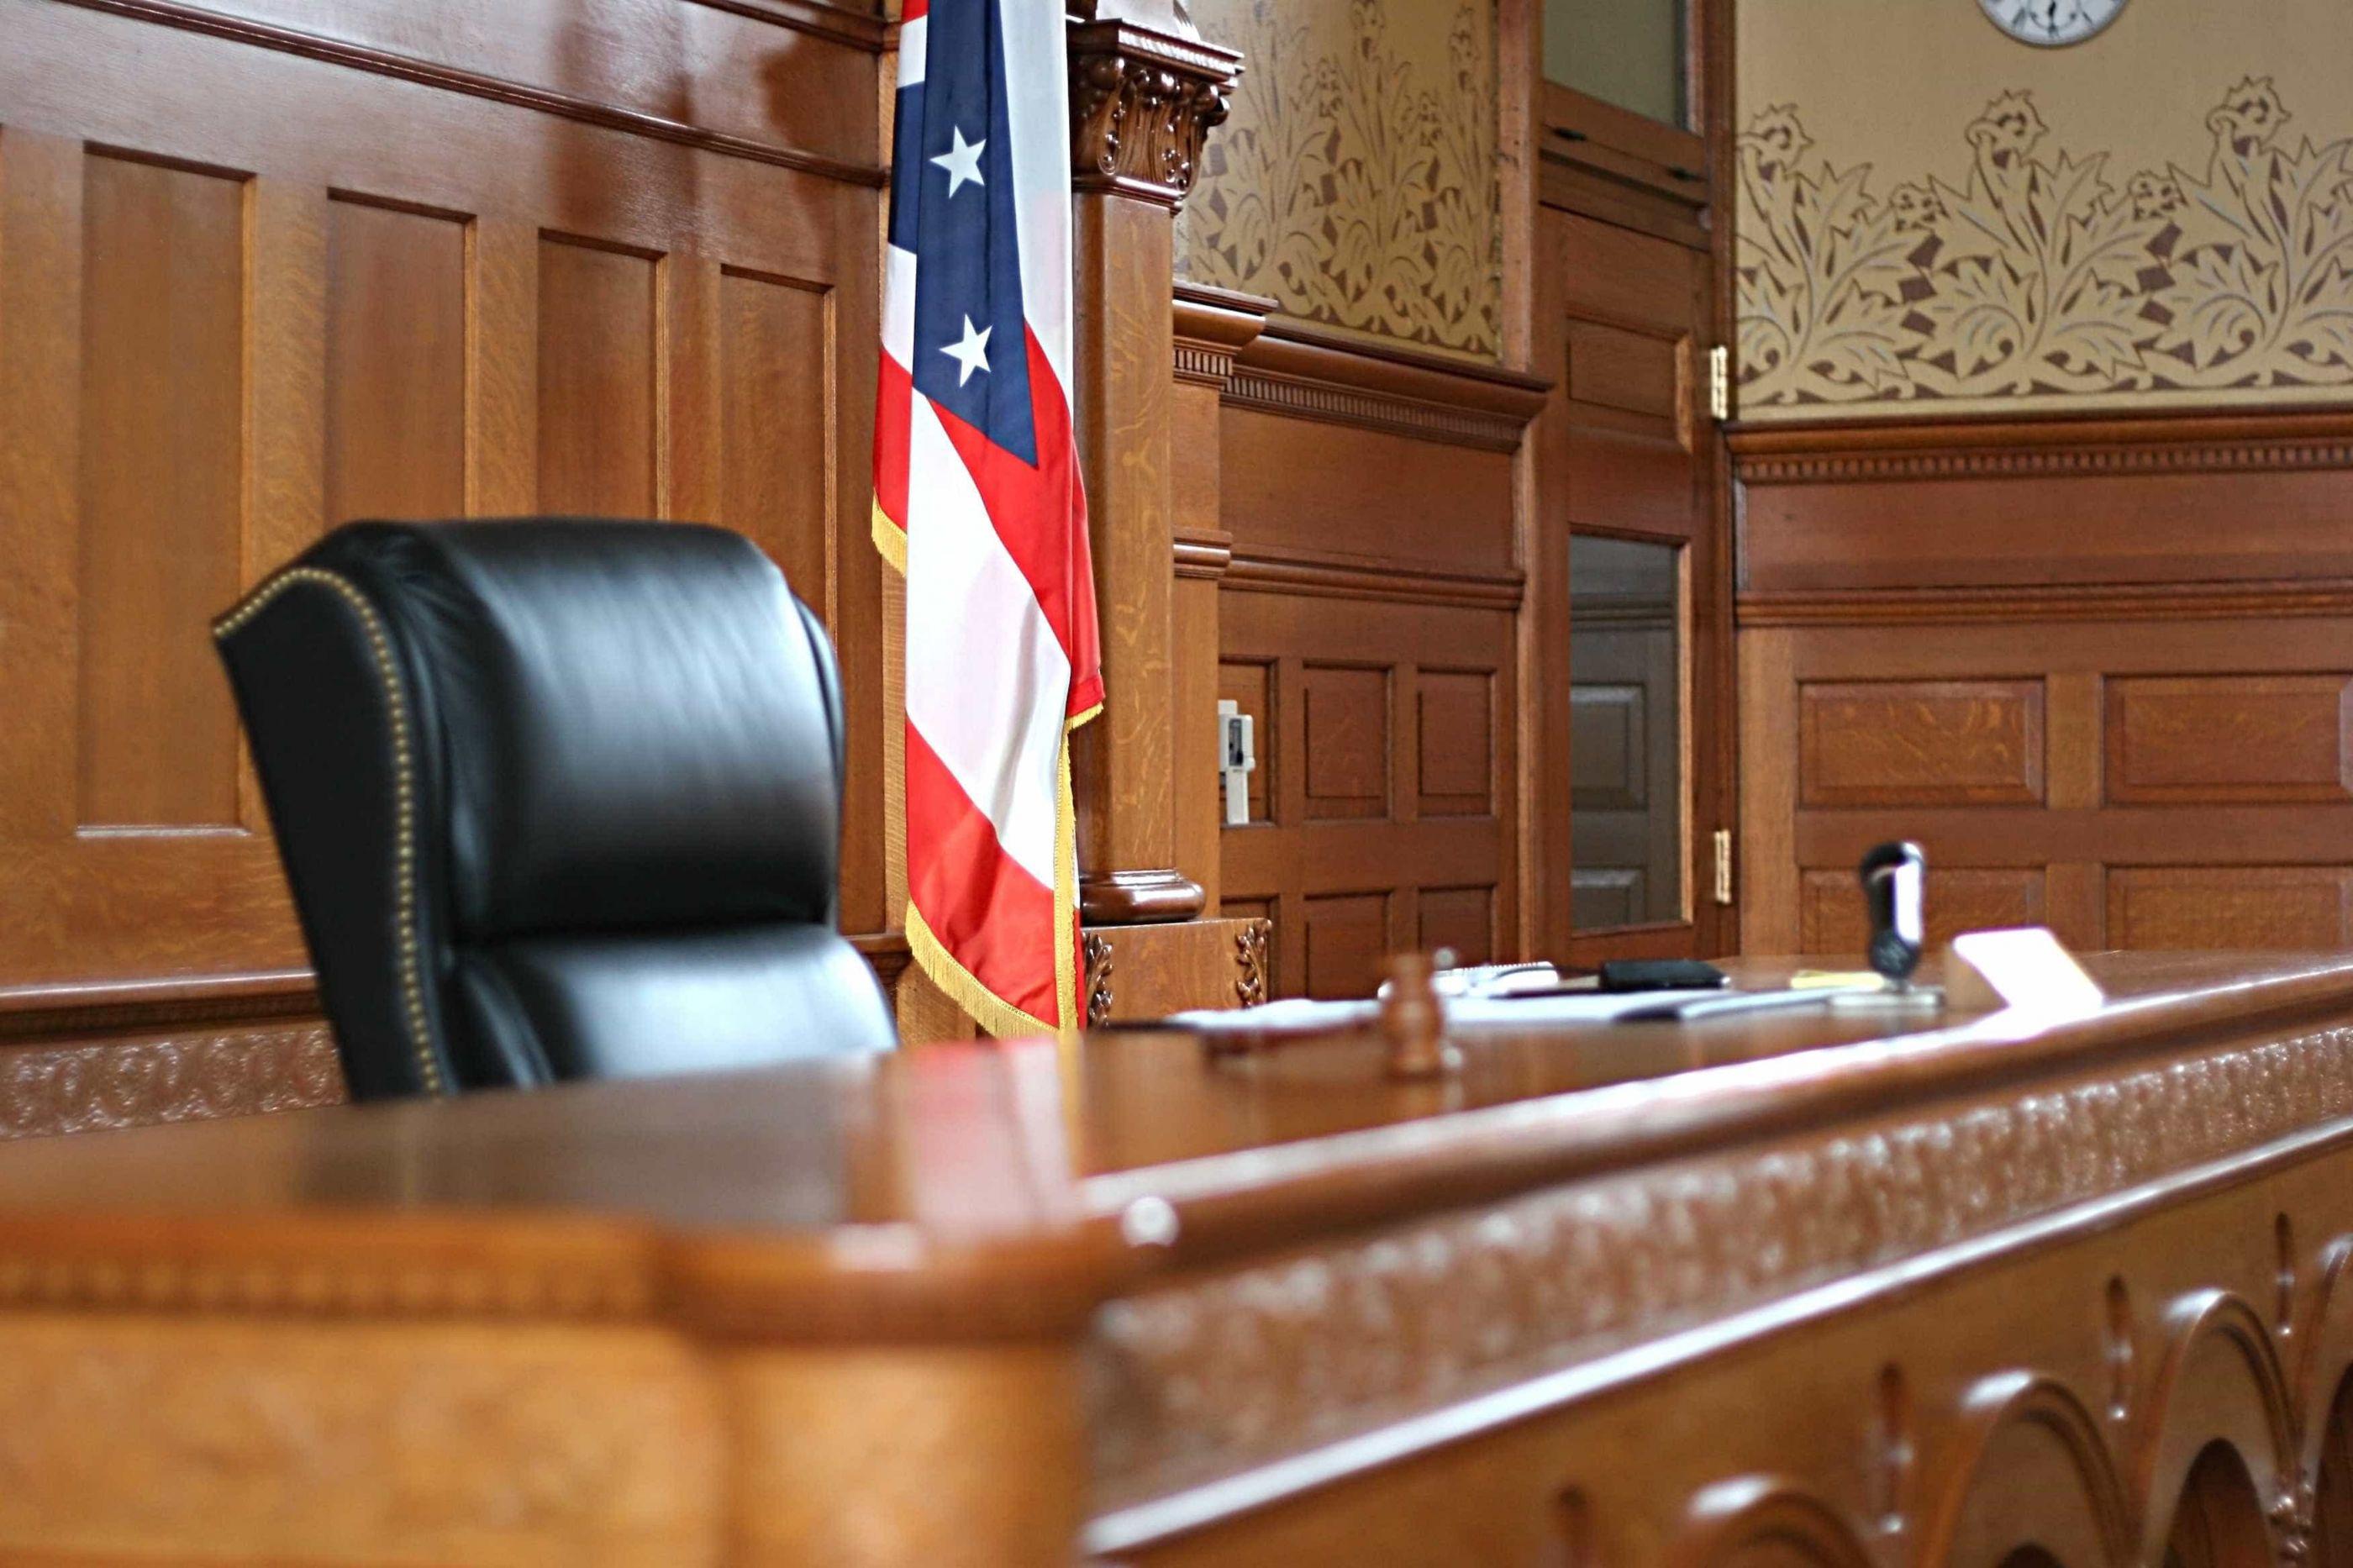 Juiz afirmou em tribunal que Deus lhe disse que arguida era inocente